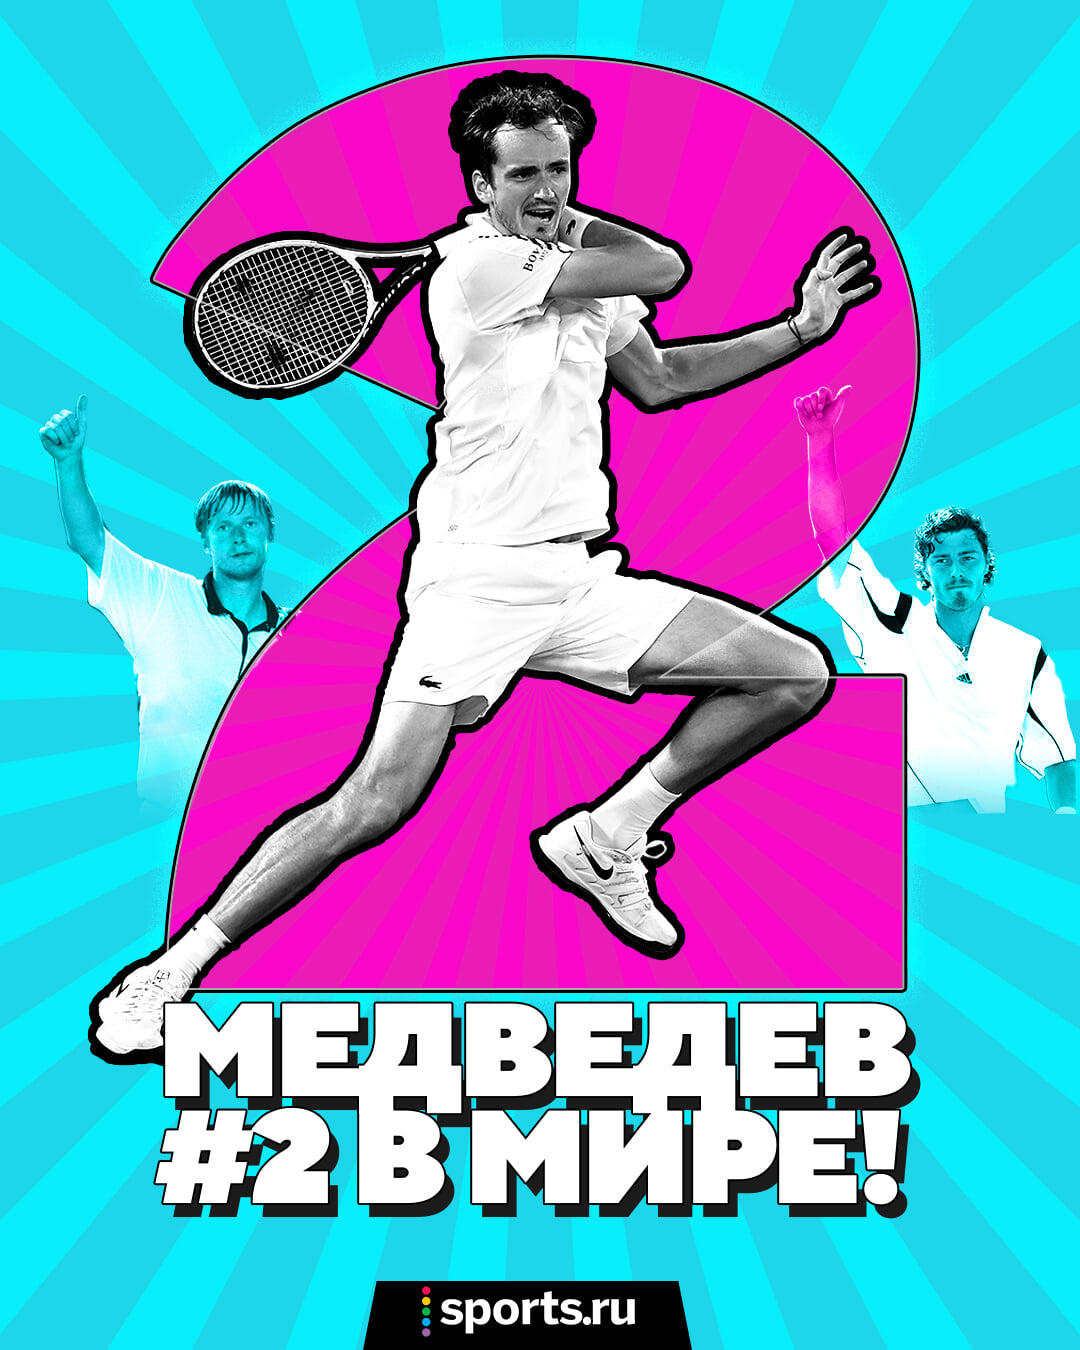 Медведев – вторая ракетка мира! Впервые за 16 лет в топ-2 попал кто-то, кроме Федерера, Надаля, Джоковича и Маррея